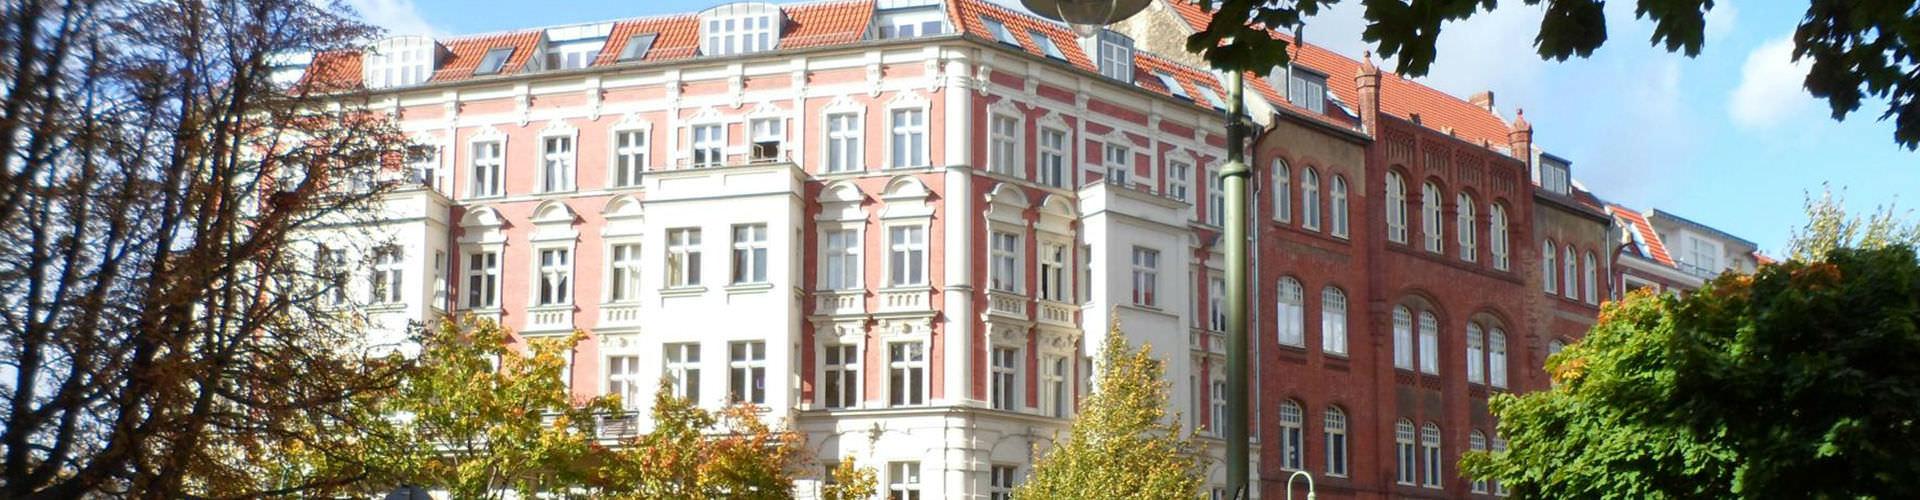 ベルリン – Prenzlauer Berg地区のユースホステル. 地図 ベルリン, すべてのユースホステルの写真とレビュー ベルリン.